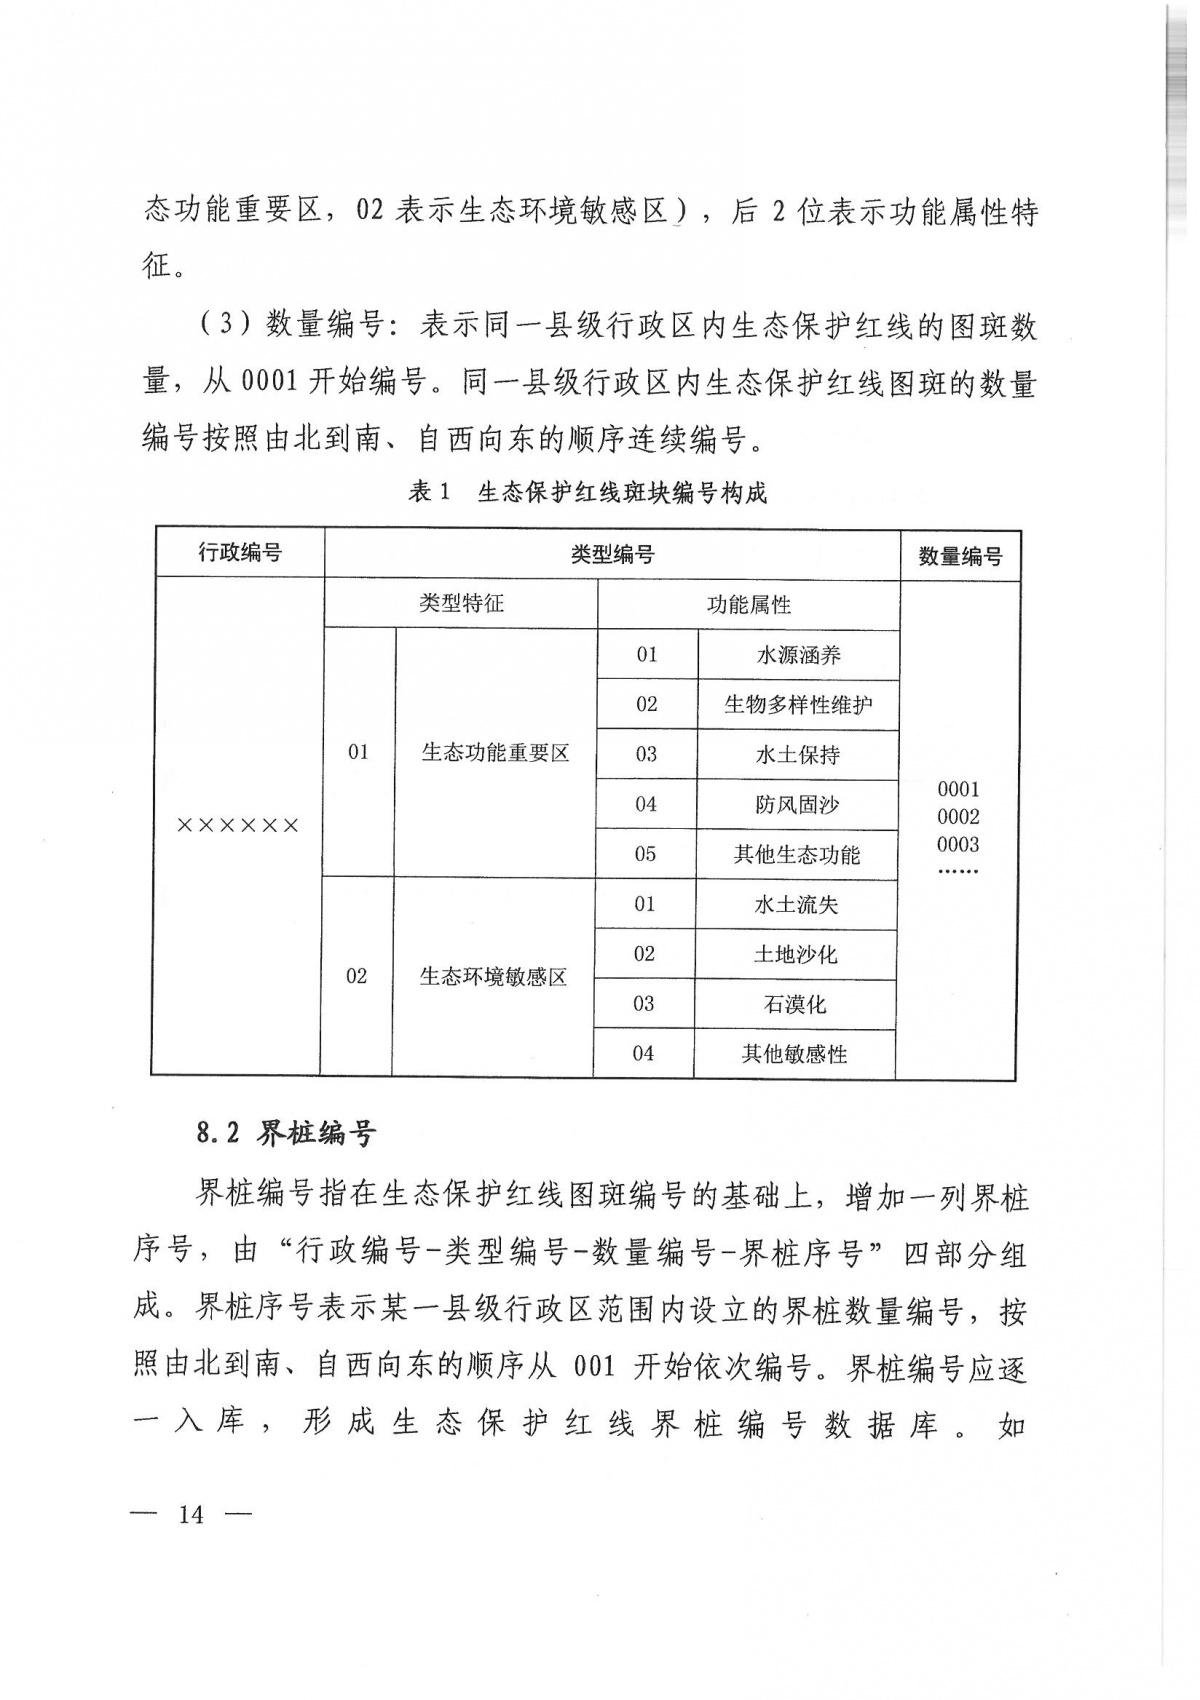 生态保护红线勘界定标技术规程(201908)_页面_12.jpg